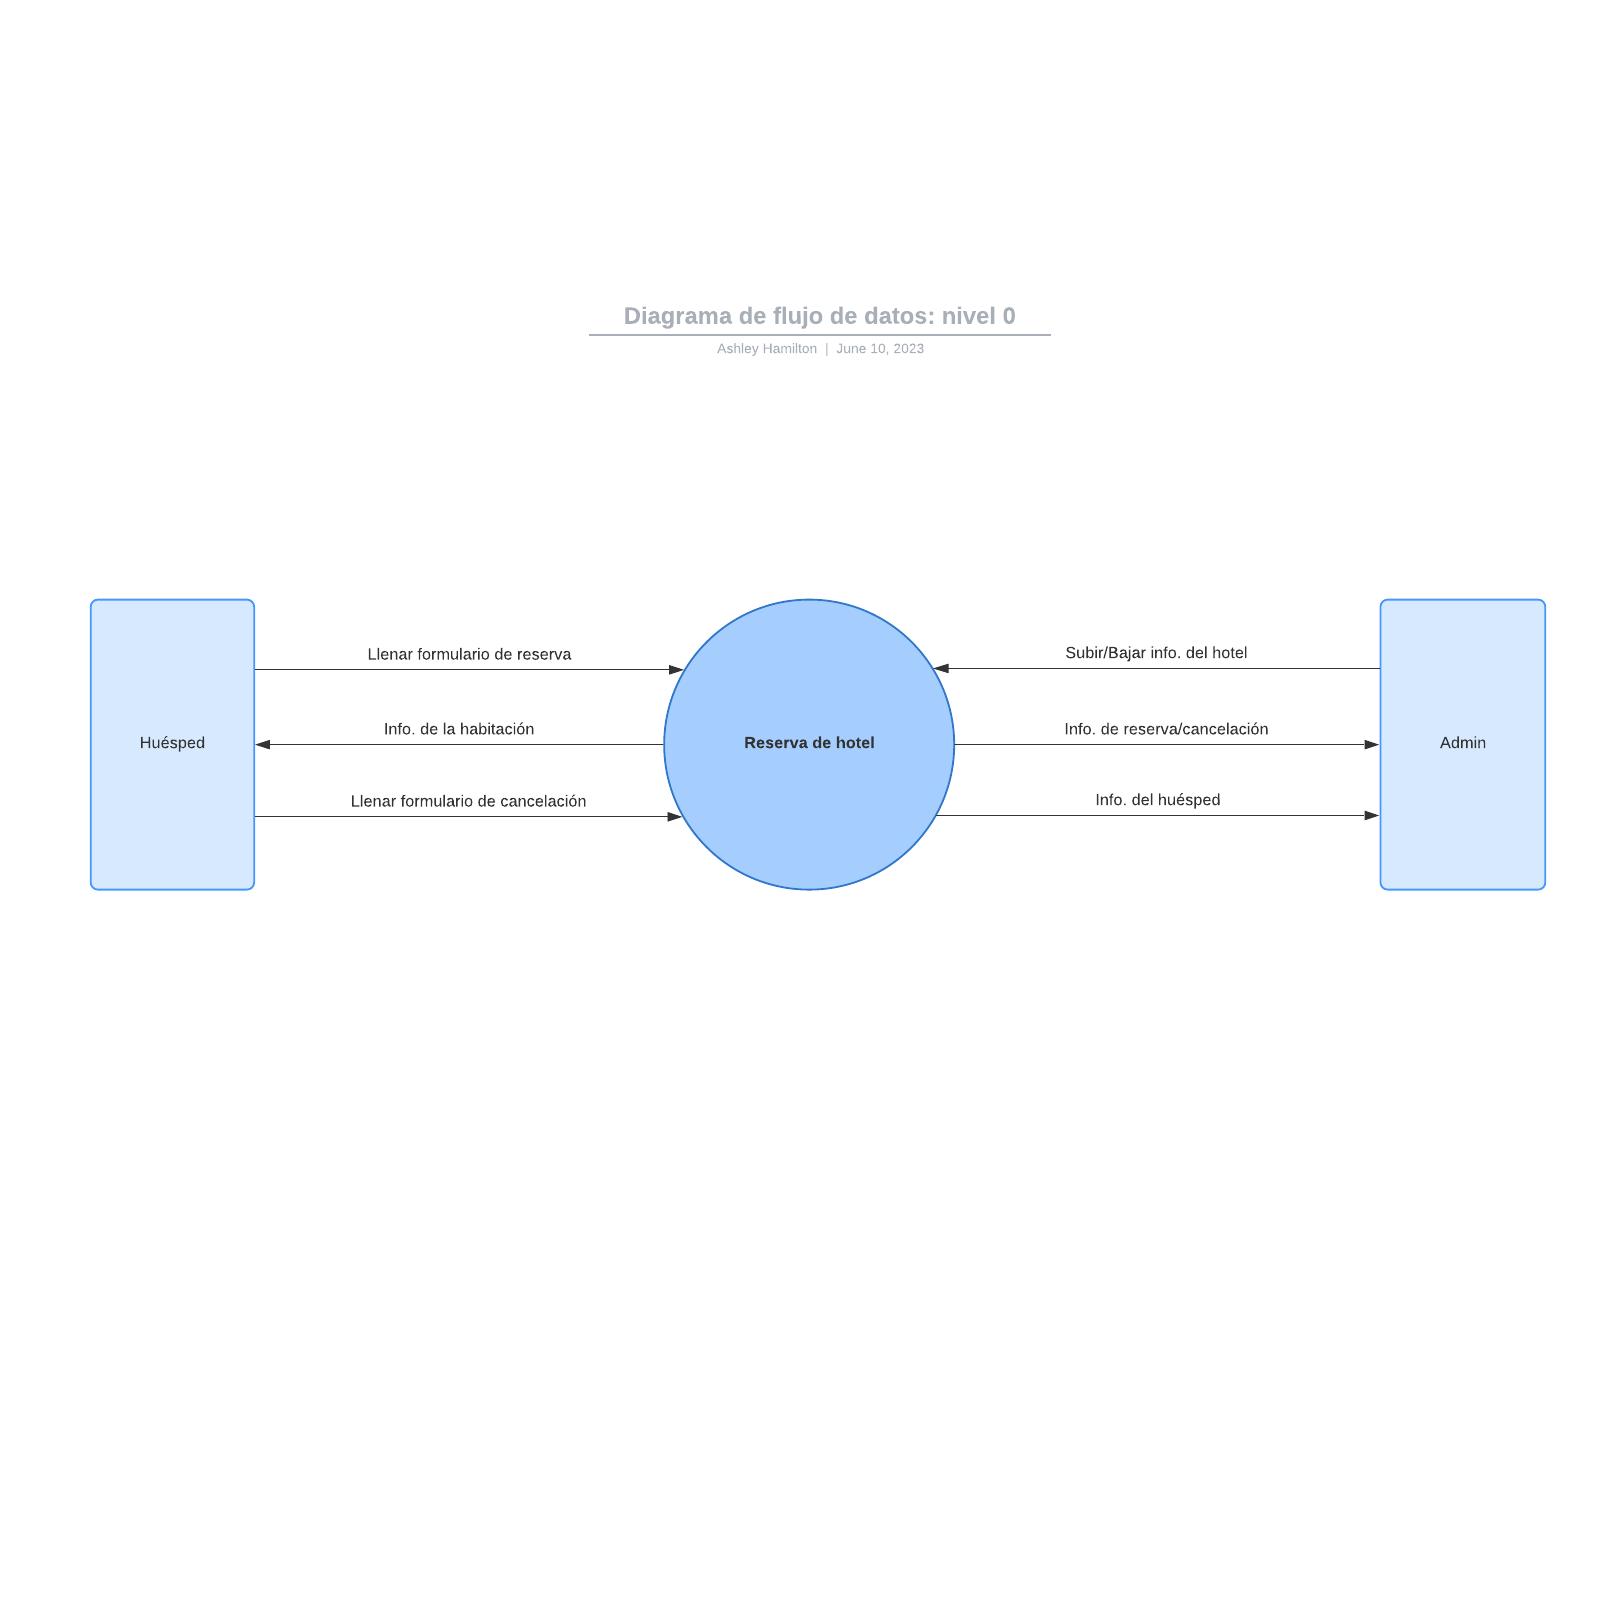 Diagrama de flujo de datos: nivel 0